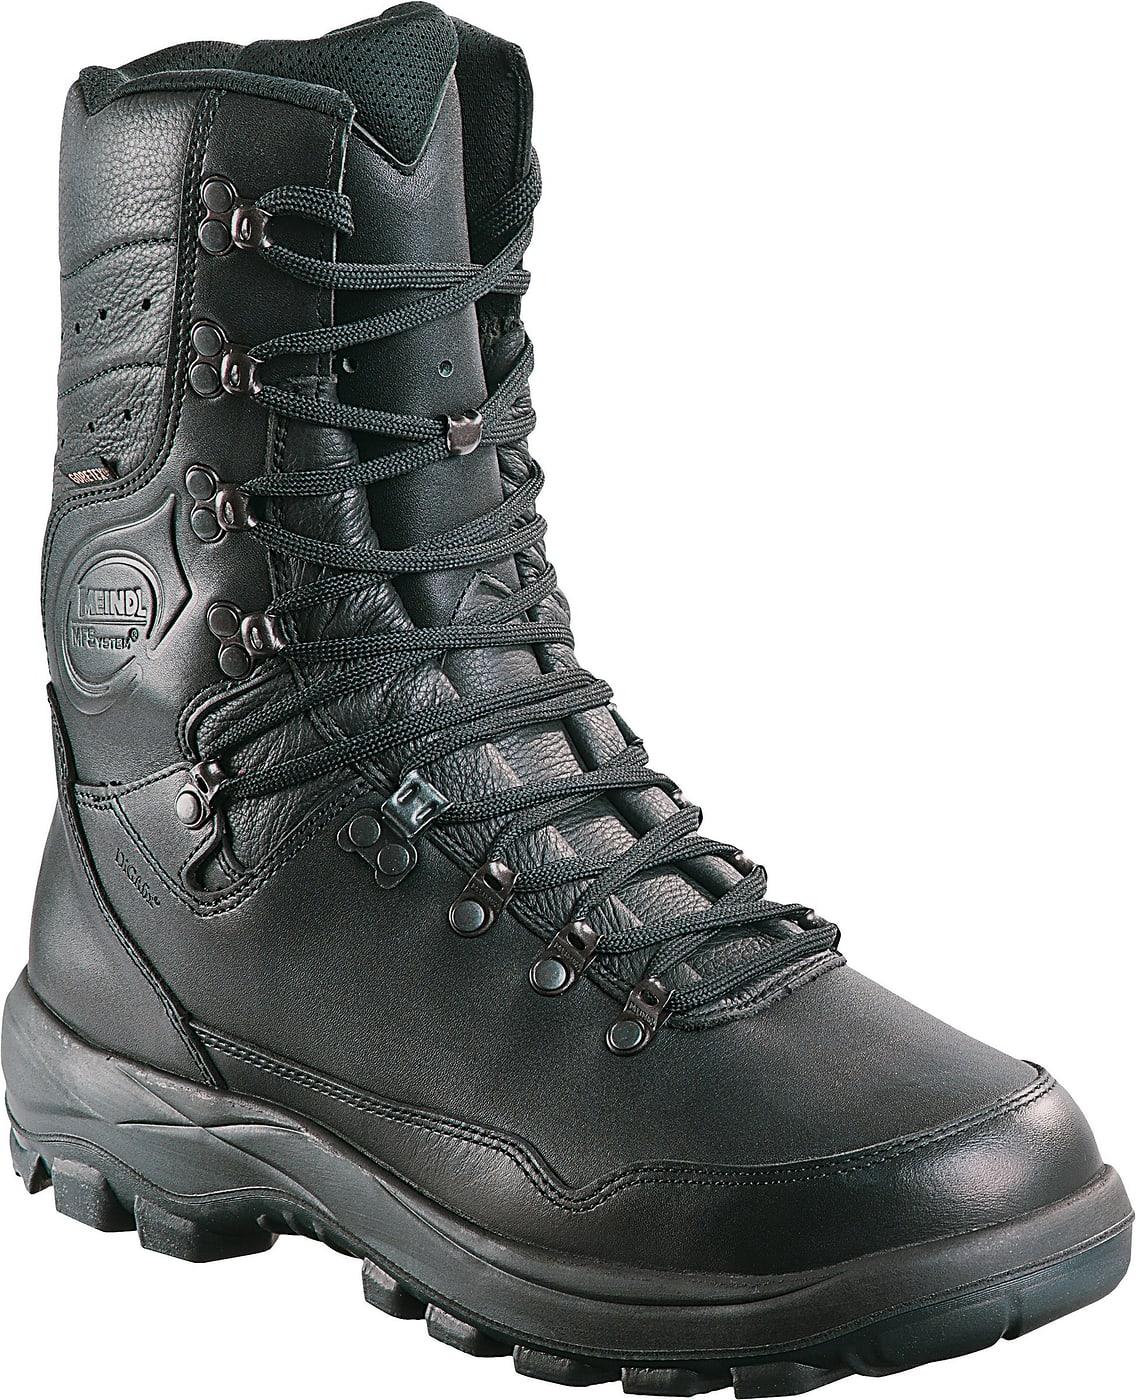 Safety sécurité Chaussures S3 de Climate Meindl cTJl31KF